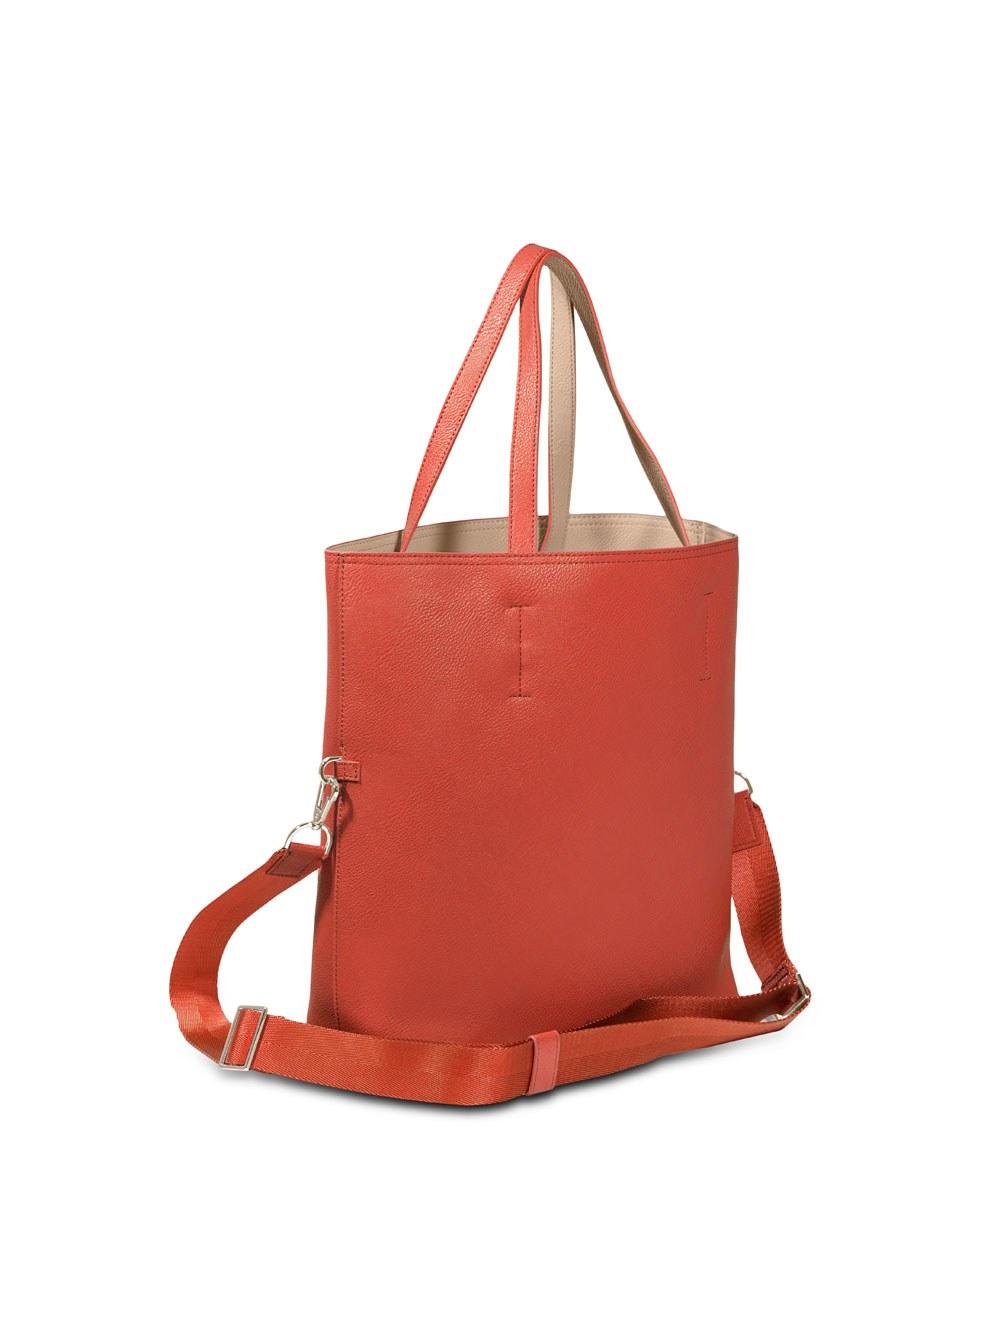 Reversible Tote Bag - Tangerine Tango